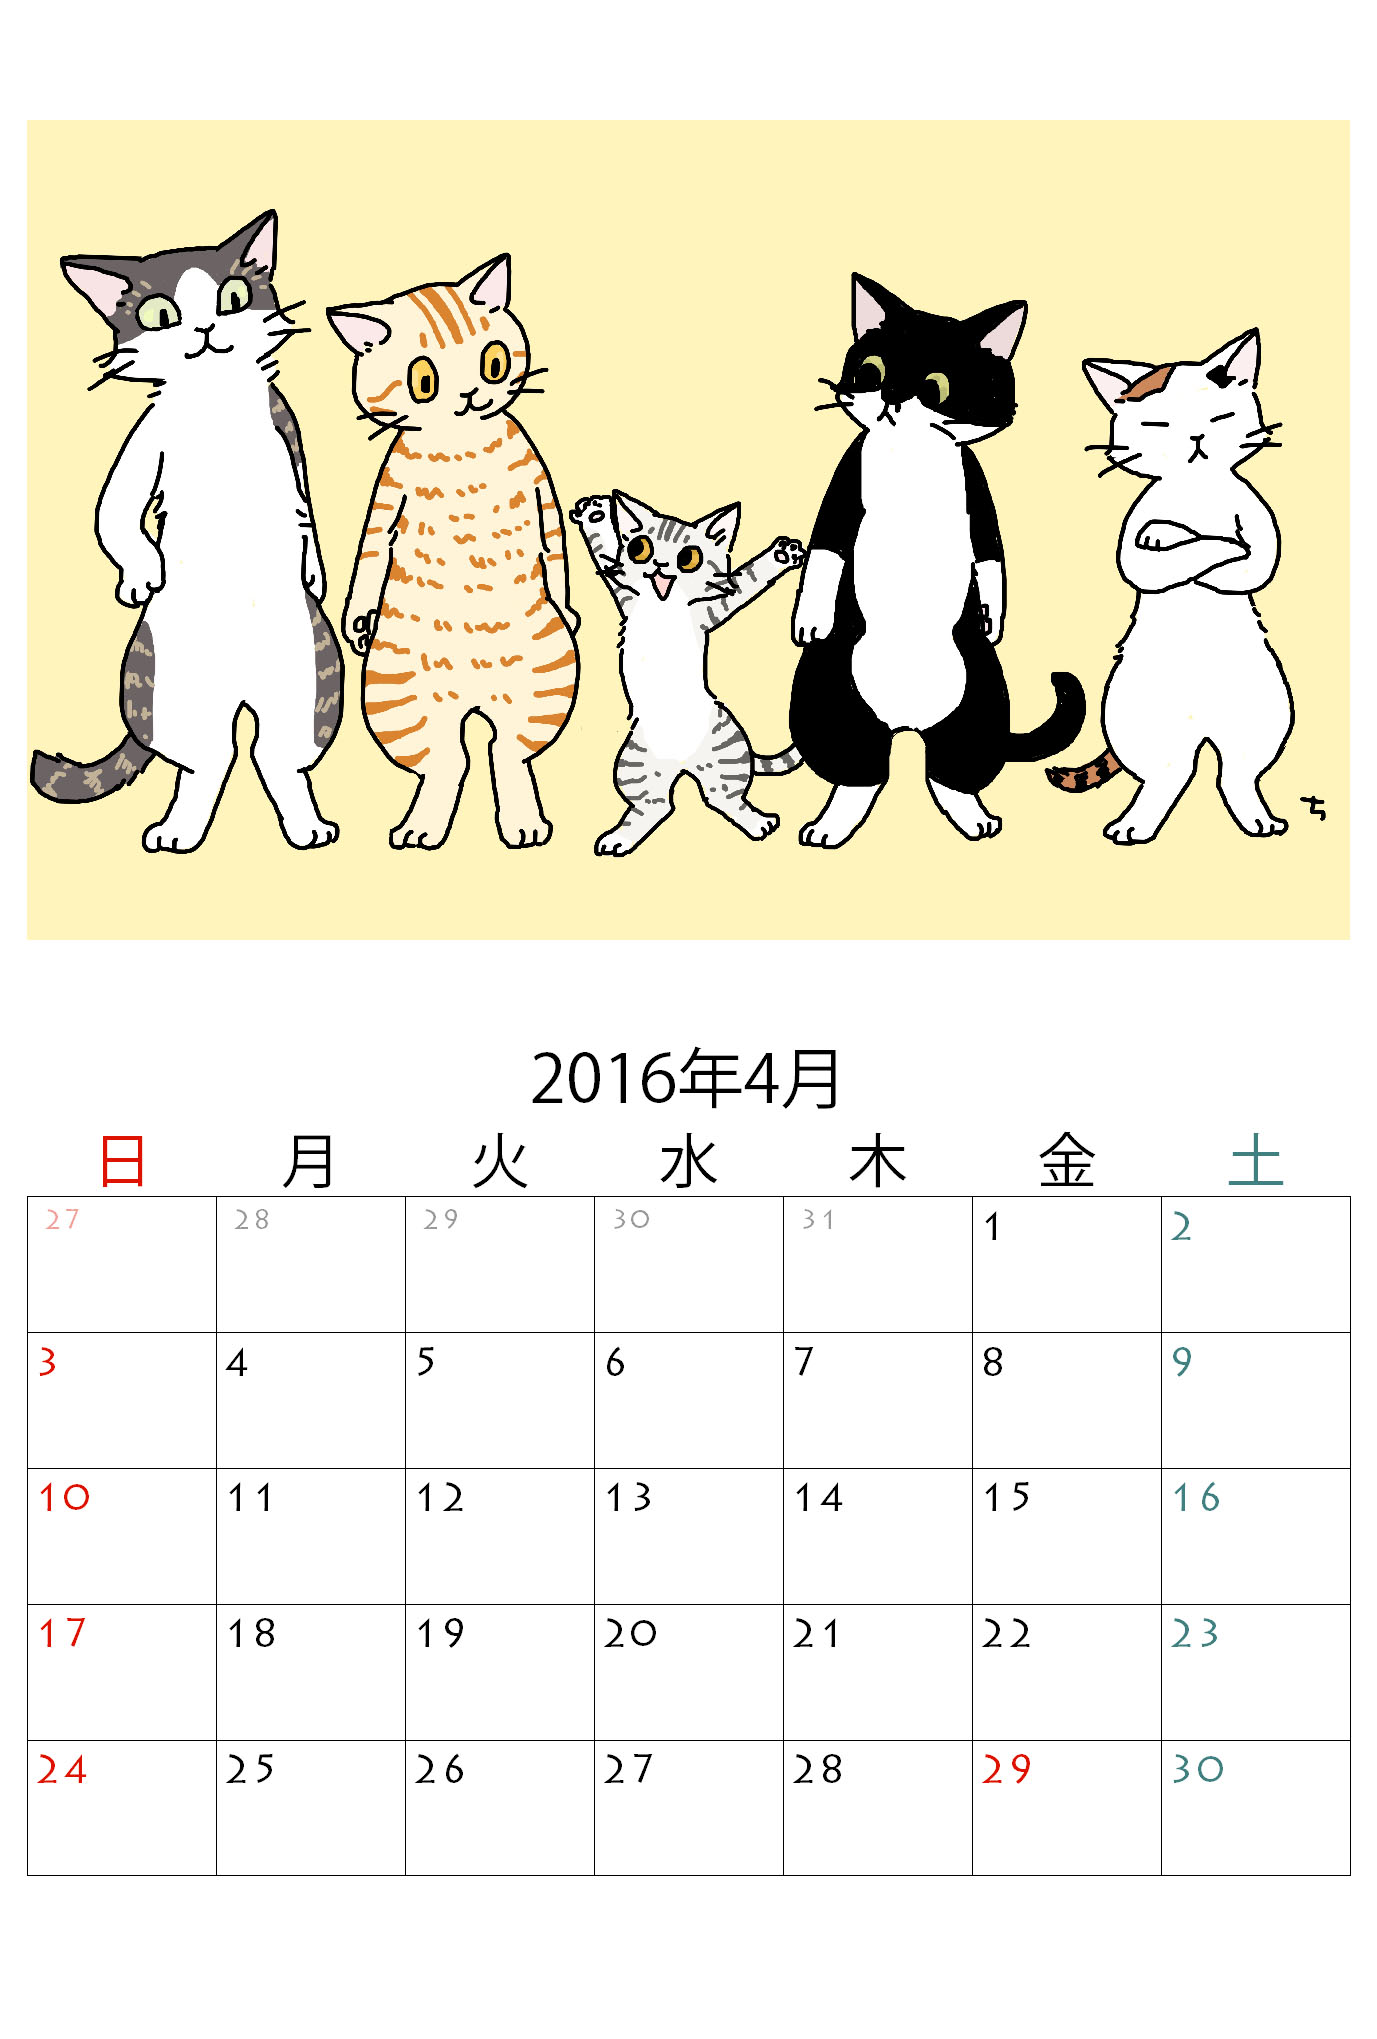 カレンダー 2015年カレンダー 一覧 : 2016年猫カレンダー4月 by 岡田 ...